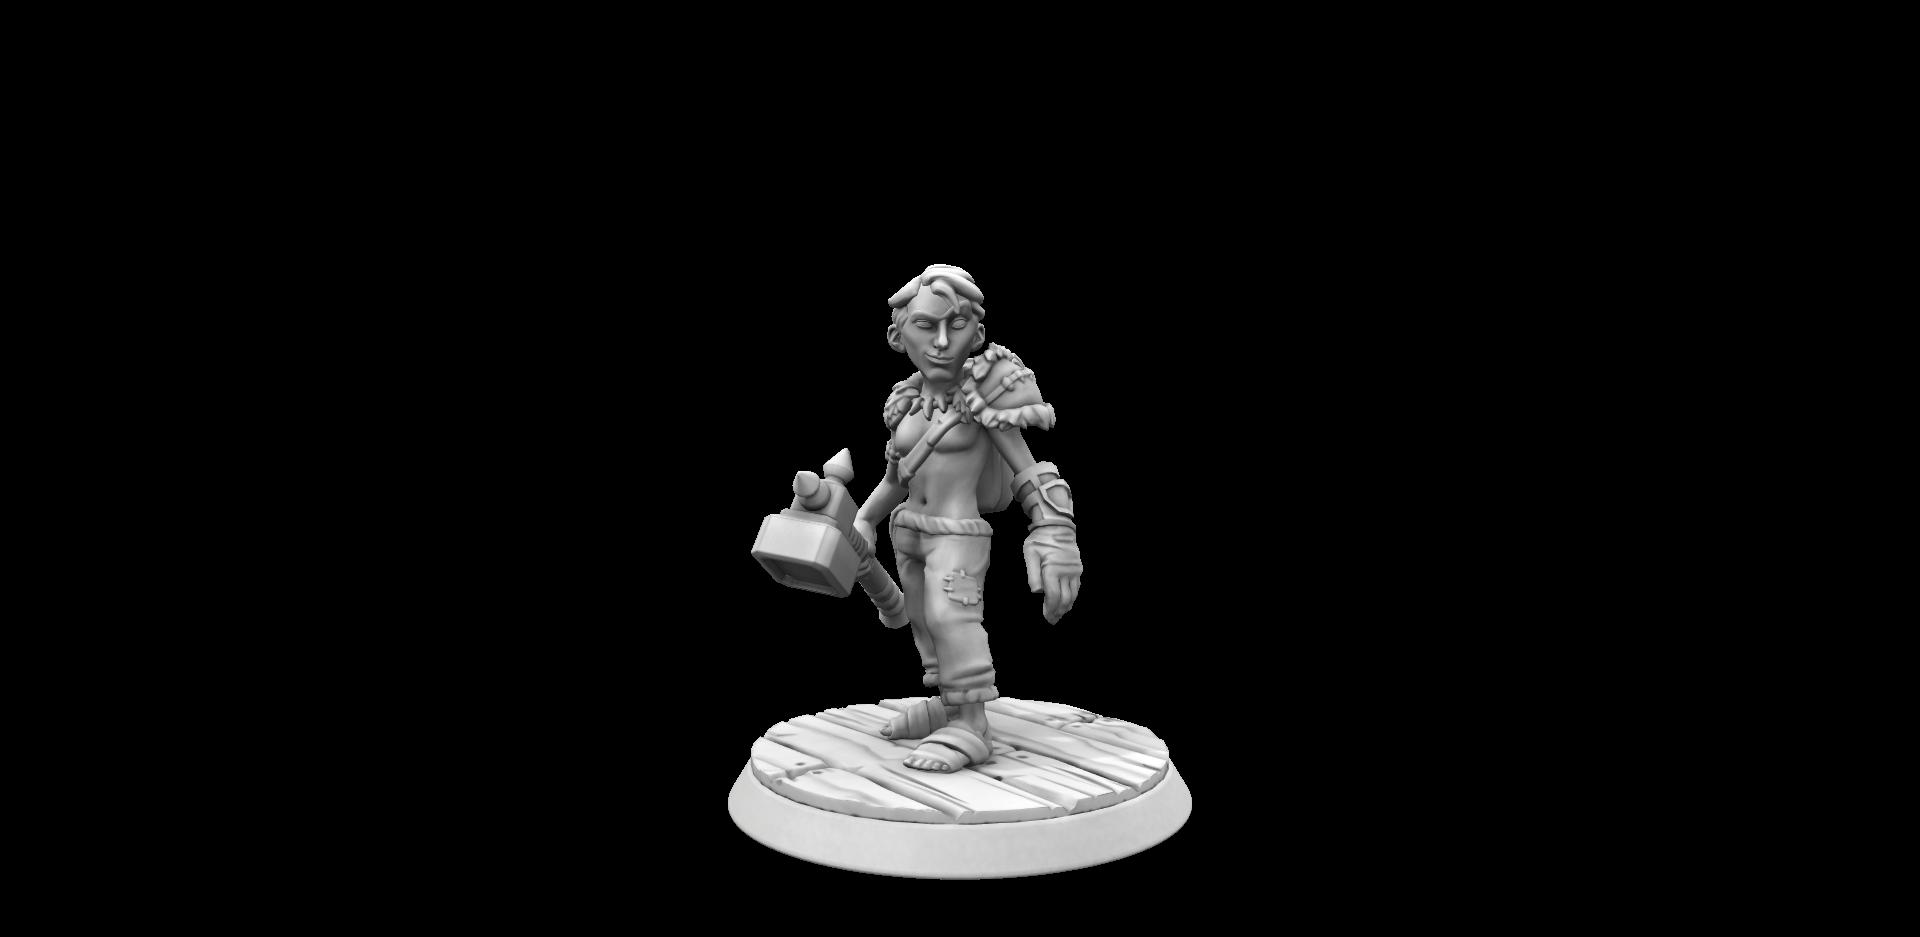 Phaseolus's Mini figure